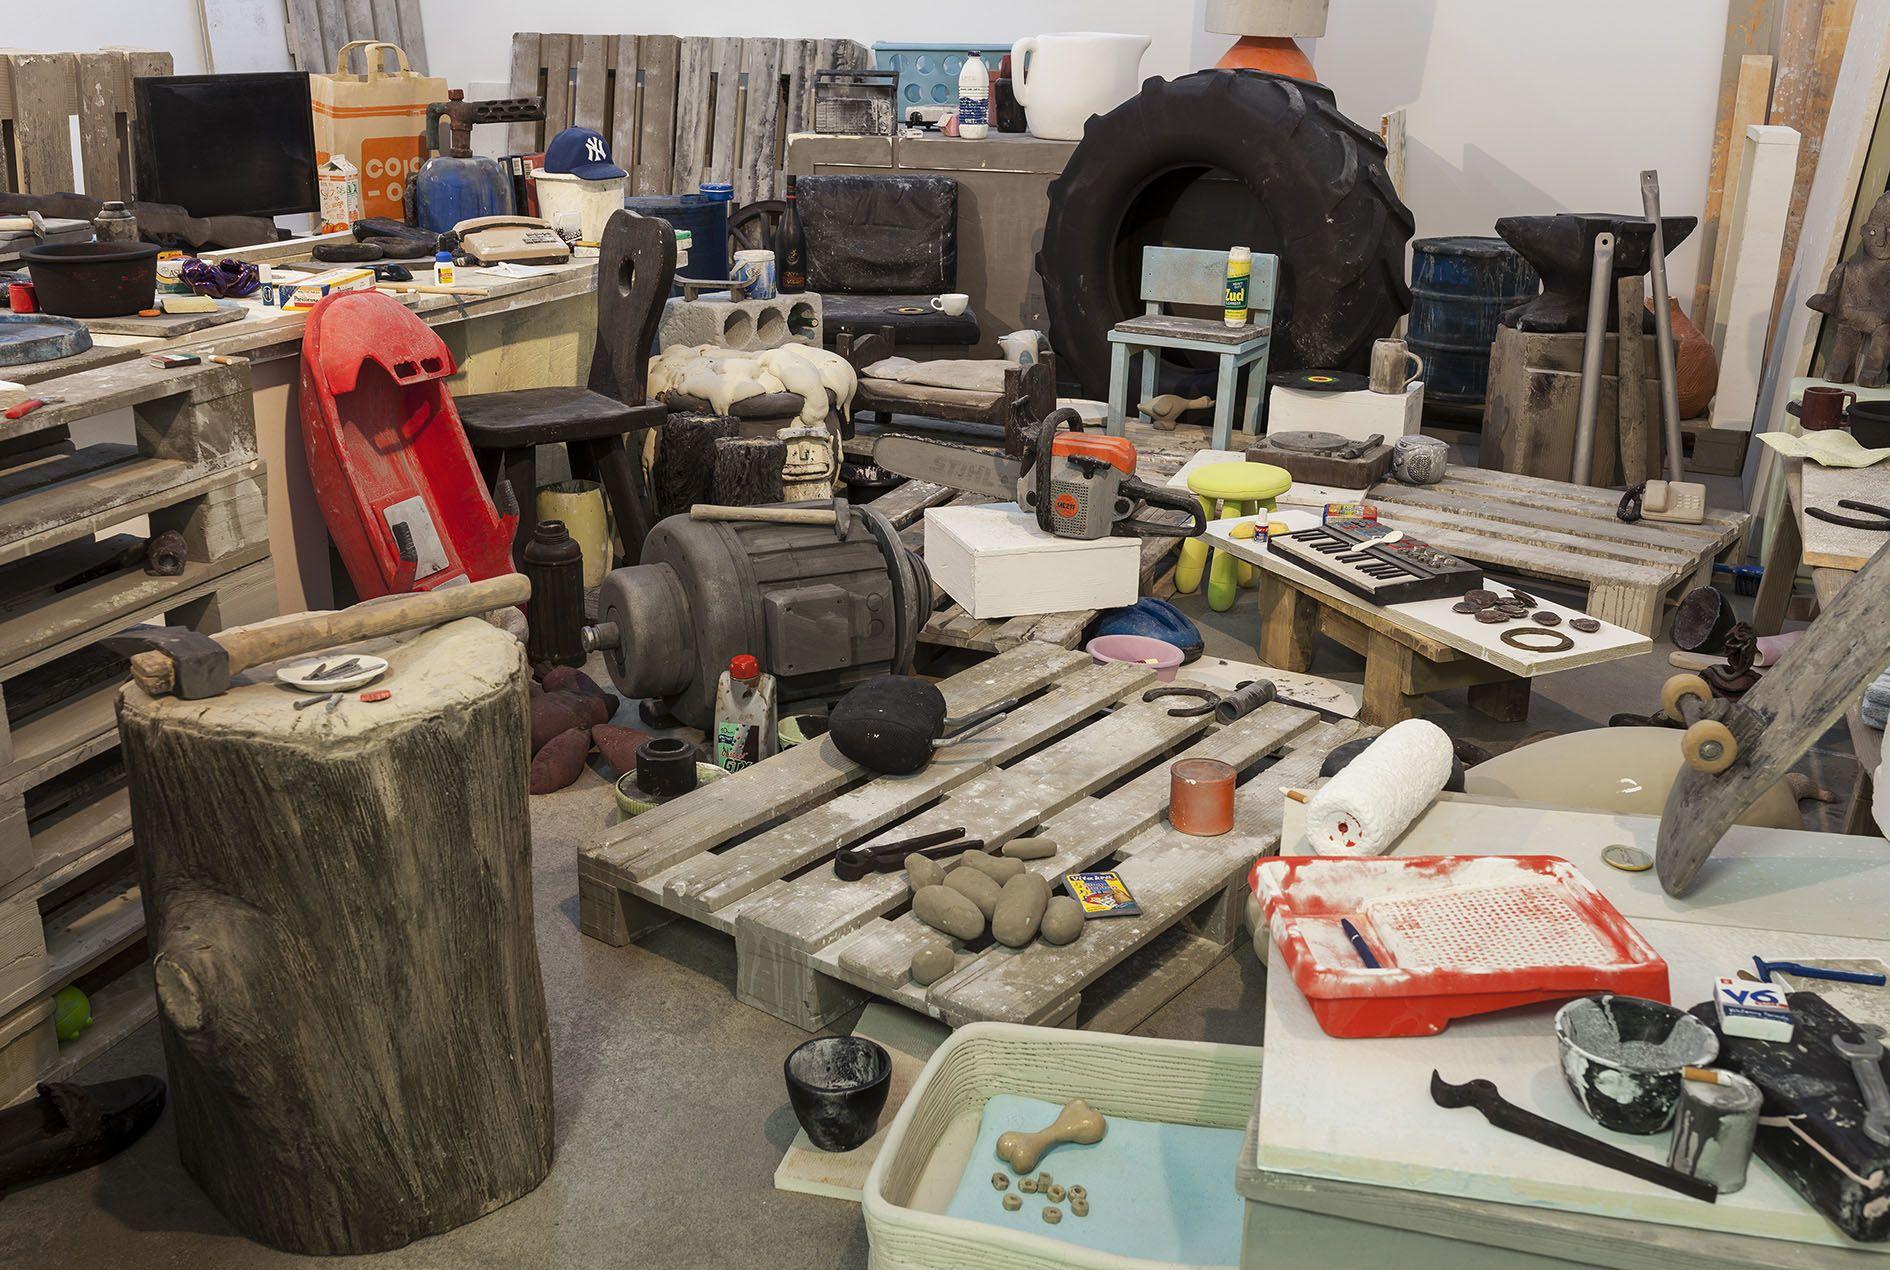 Peter FischliDavid Weiss – Eine Ansammlung von Gegenständen – Berlin